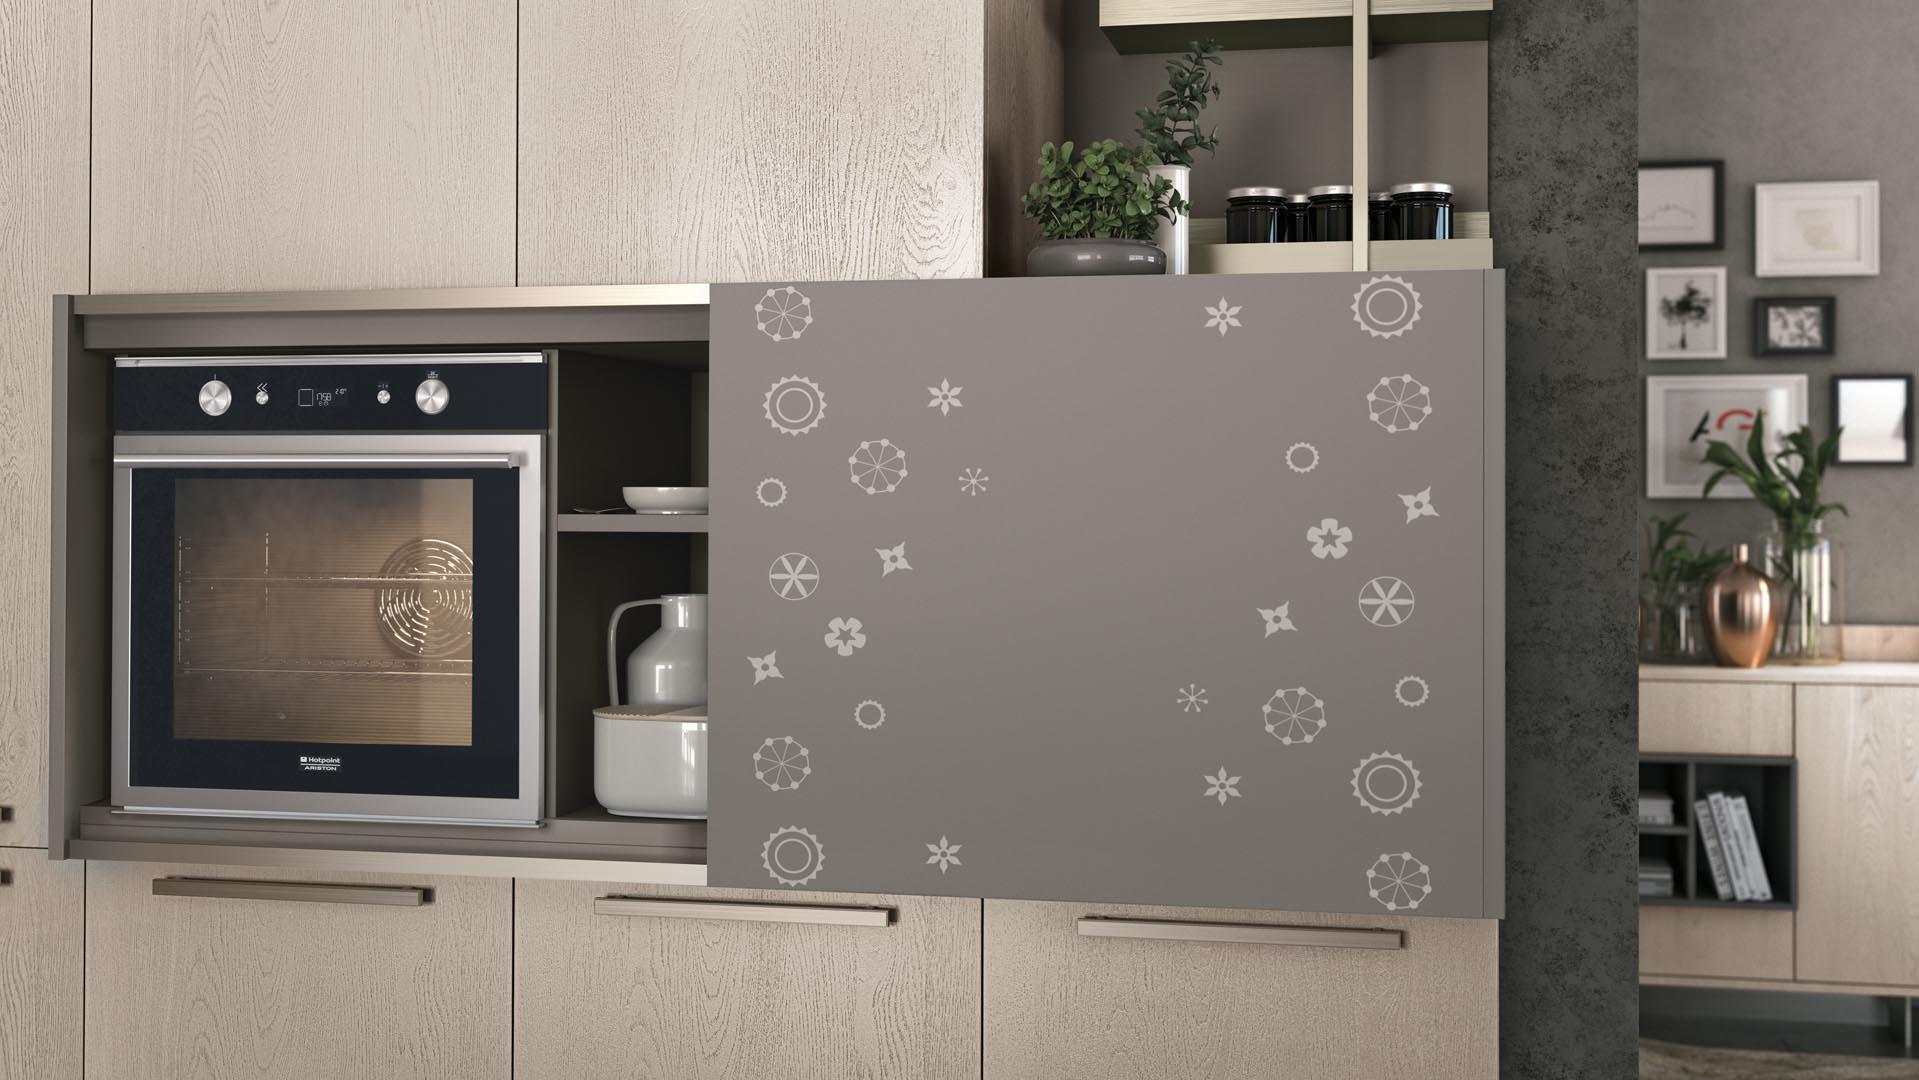 come scegliere gli elettrodomestici in cucina - cucine lube - Cucina Elettrodomestici